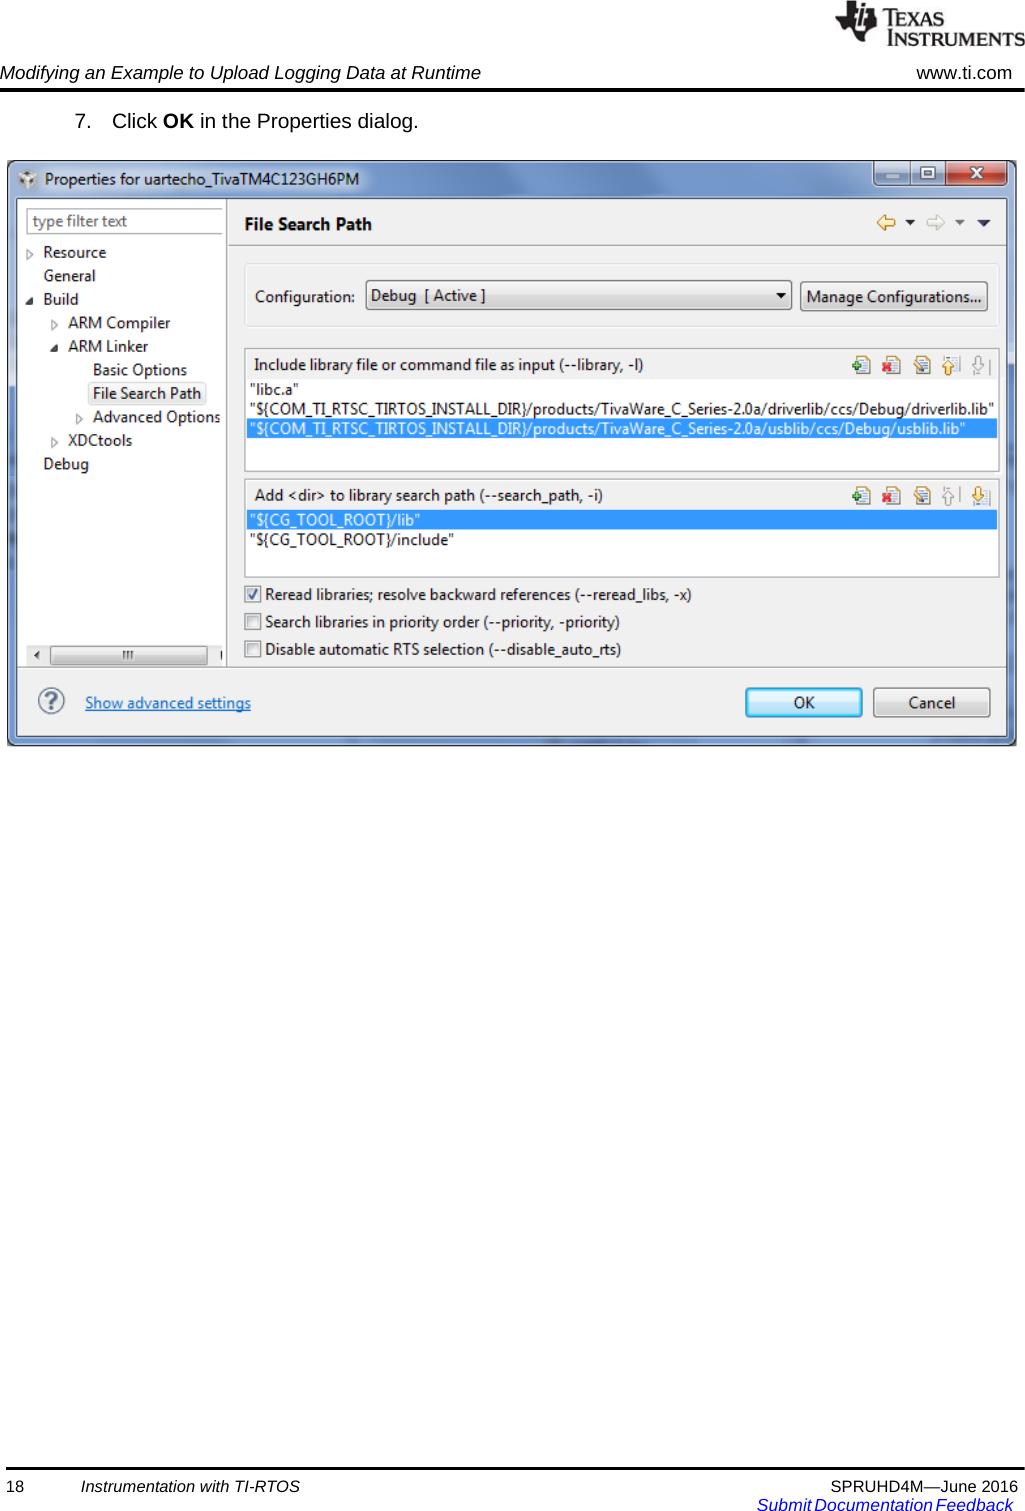 TI RTOS 2 20 User's Guide Spruhd4m Users